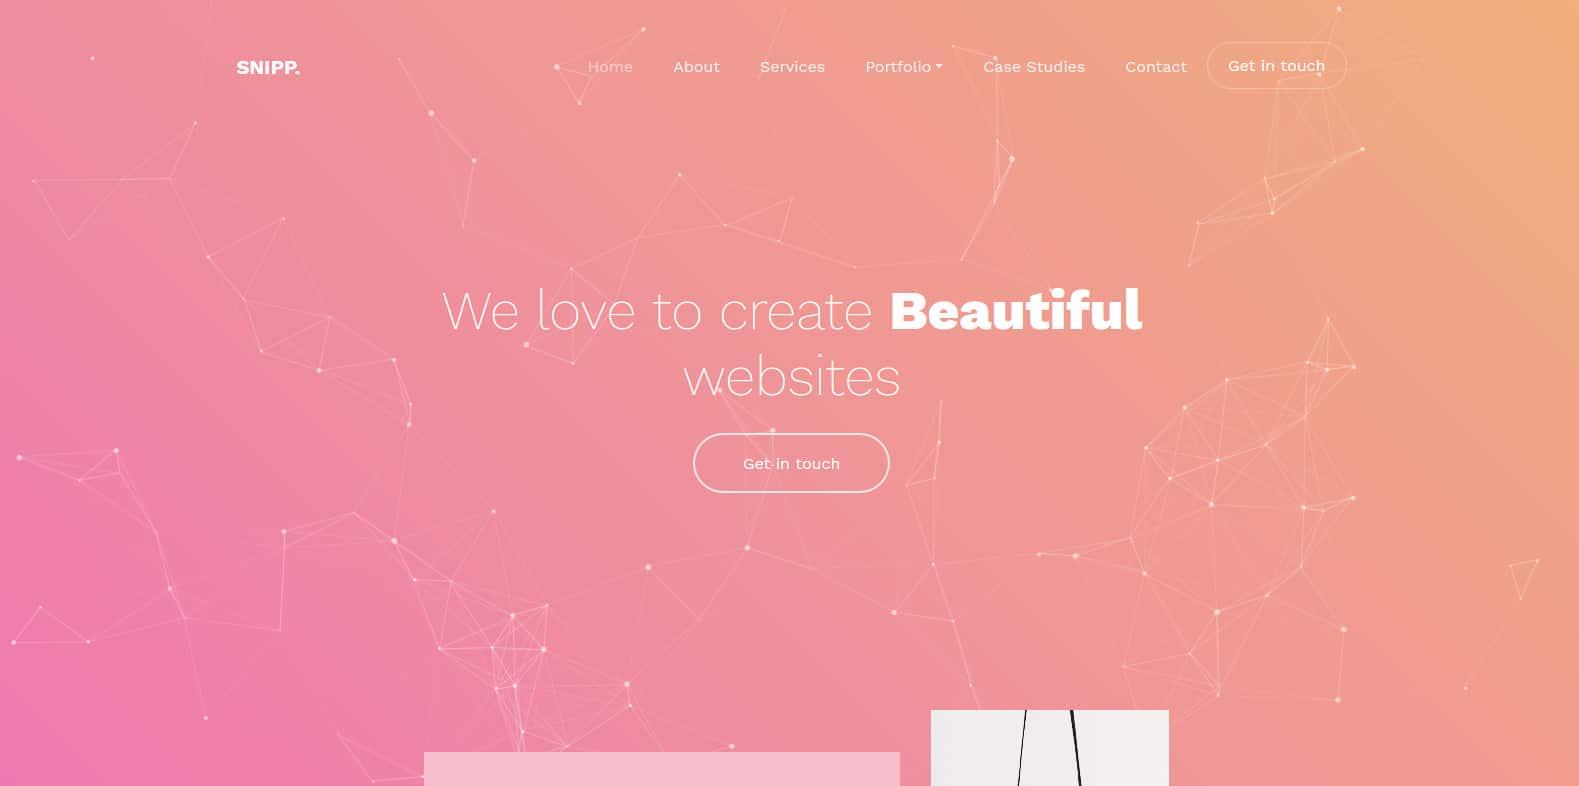 snipp-beautiful-website-template